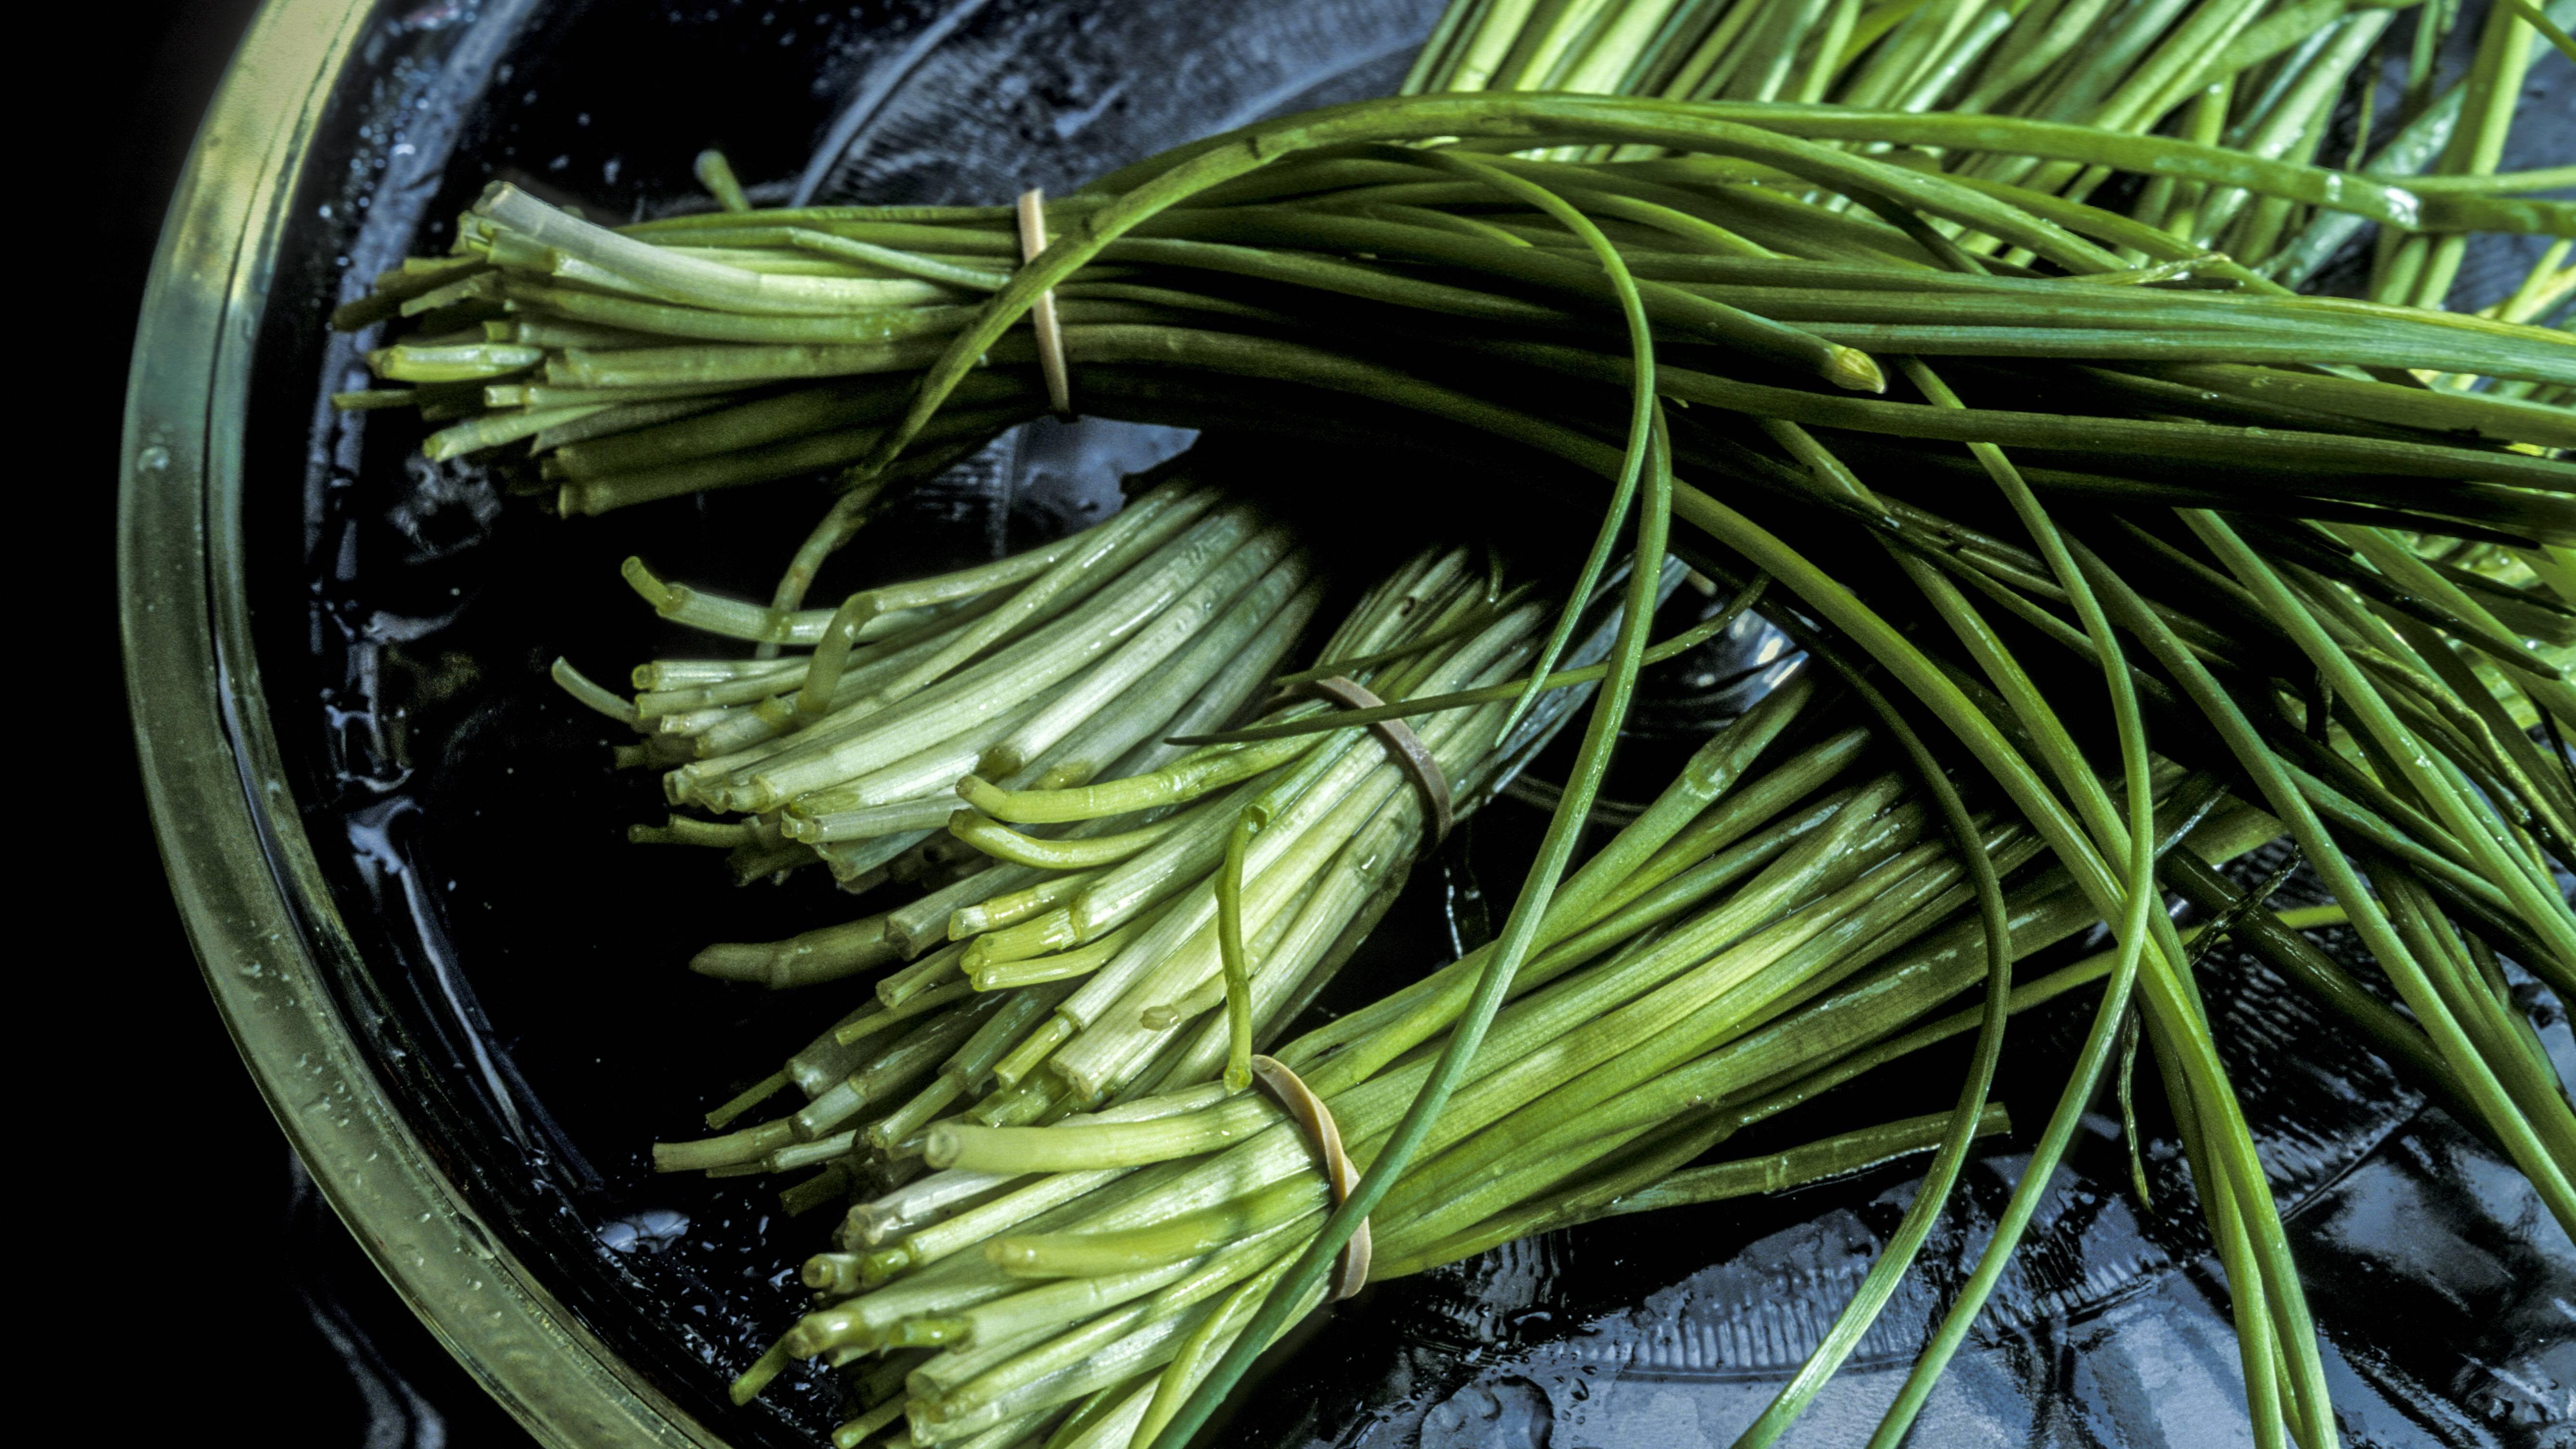 Schnittlauch ist gesund - er enthält neben Vitamin A, C und K auch Eisen, Folsäure, Kalium und Calcium.